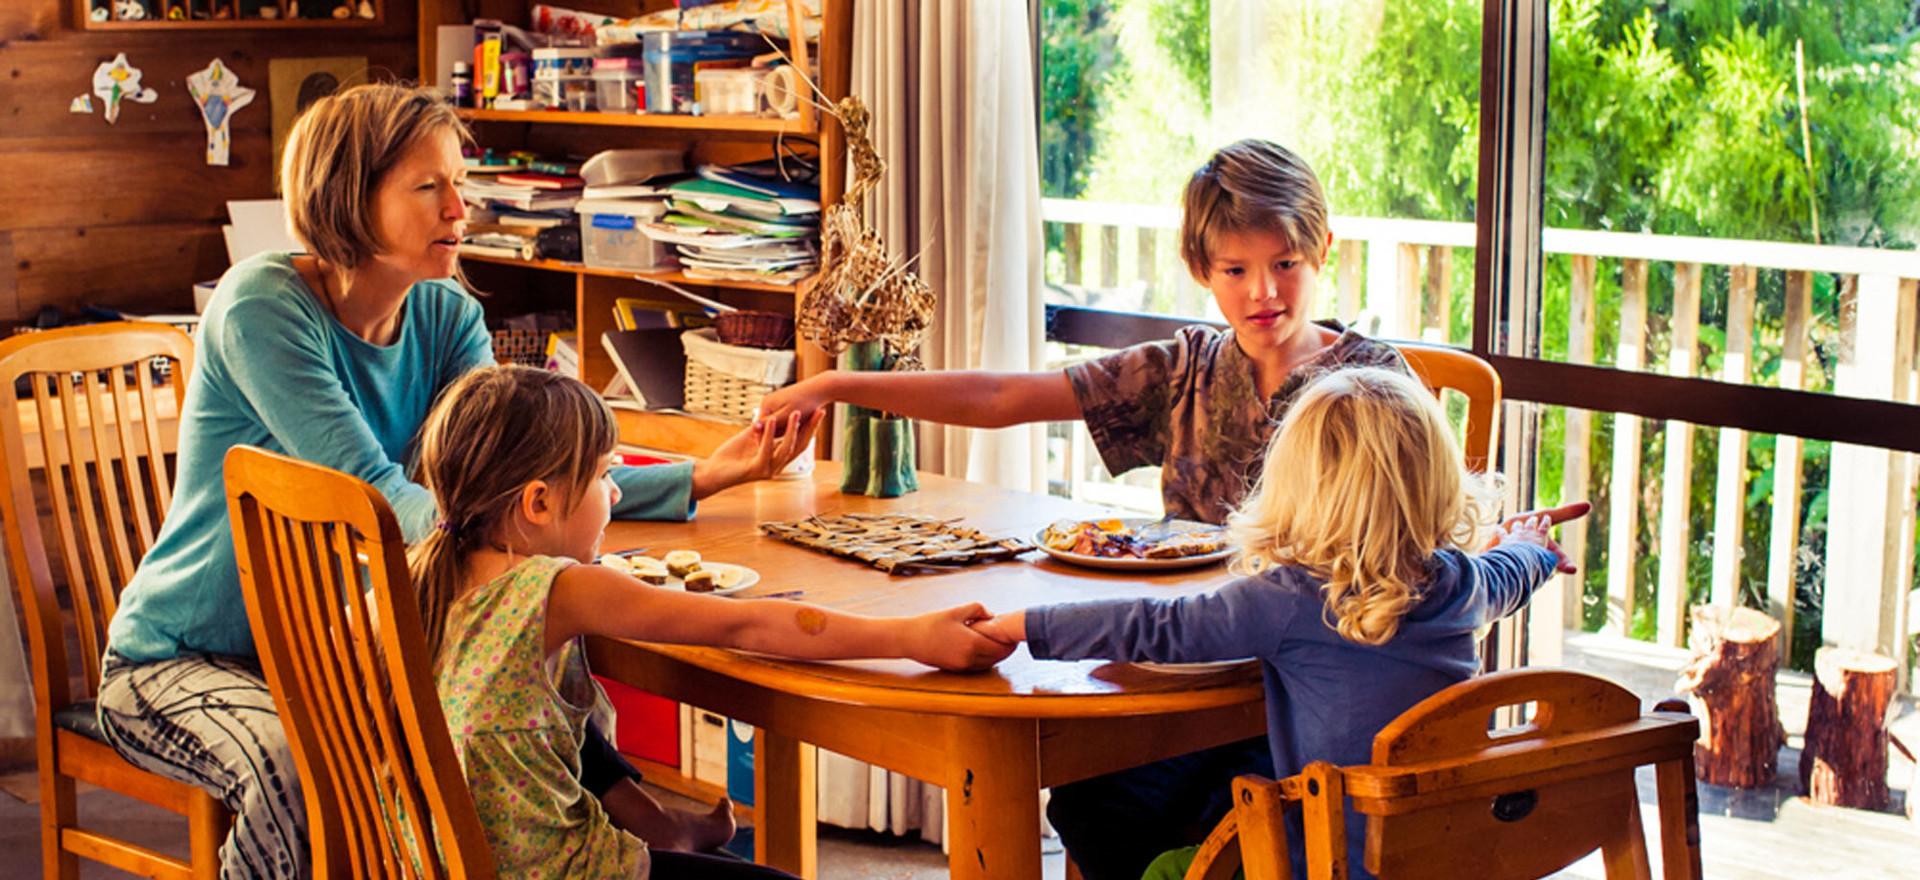 family-sits-around-table-karakia-josie-g